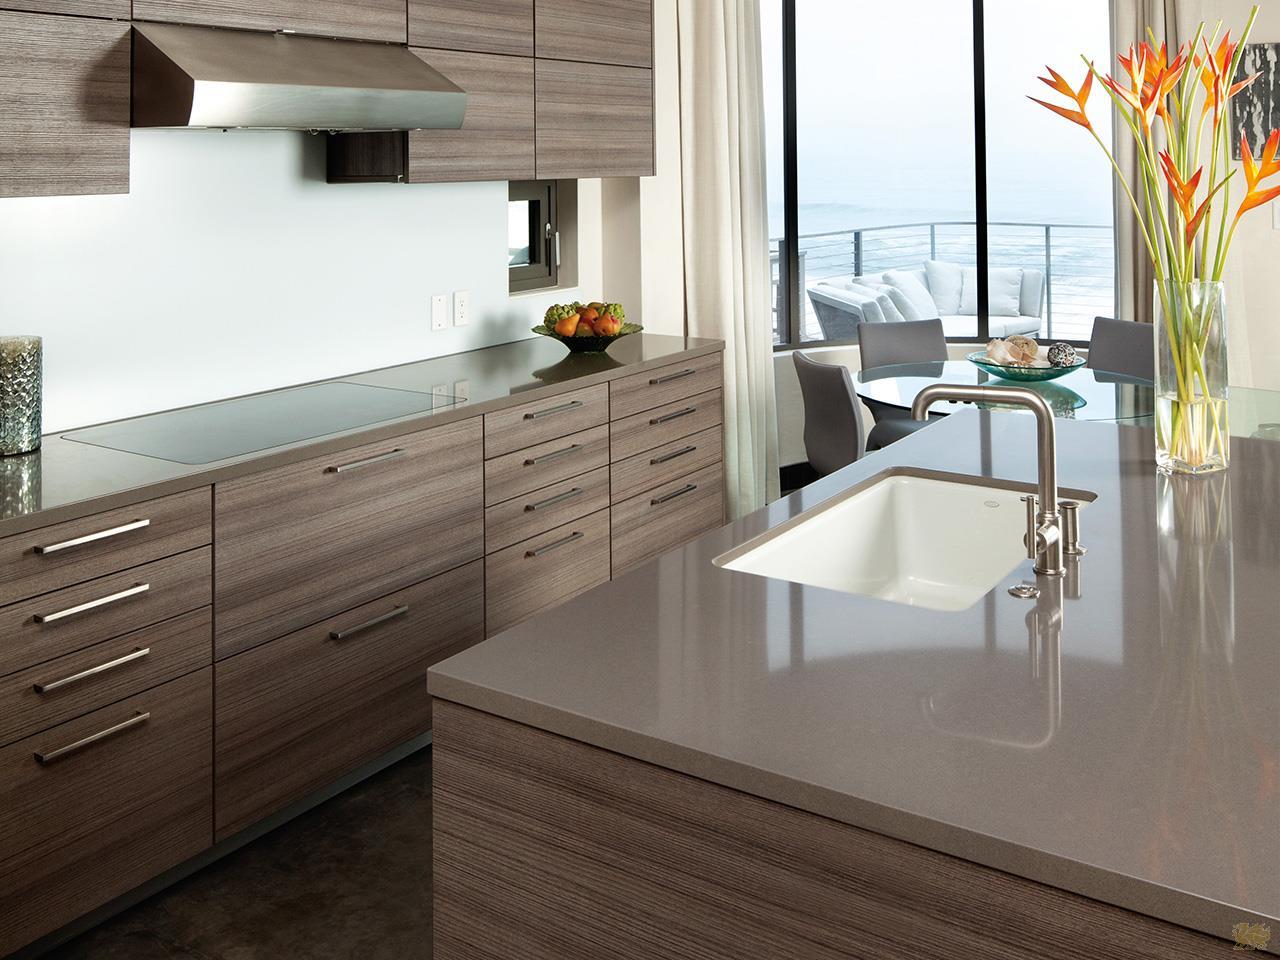 Devon Kitchen Countertop